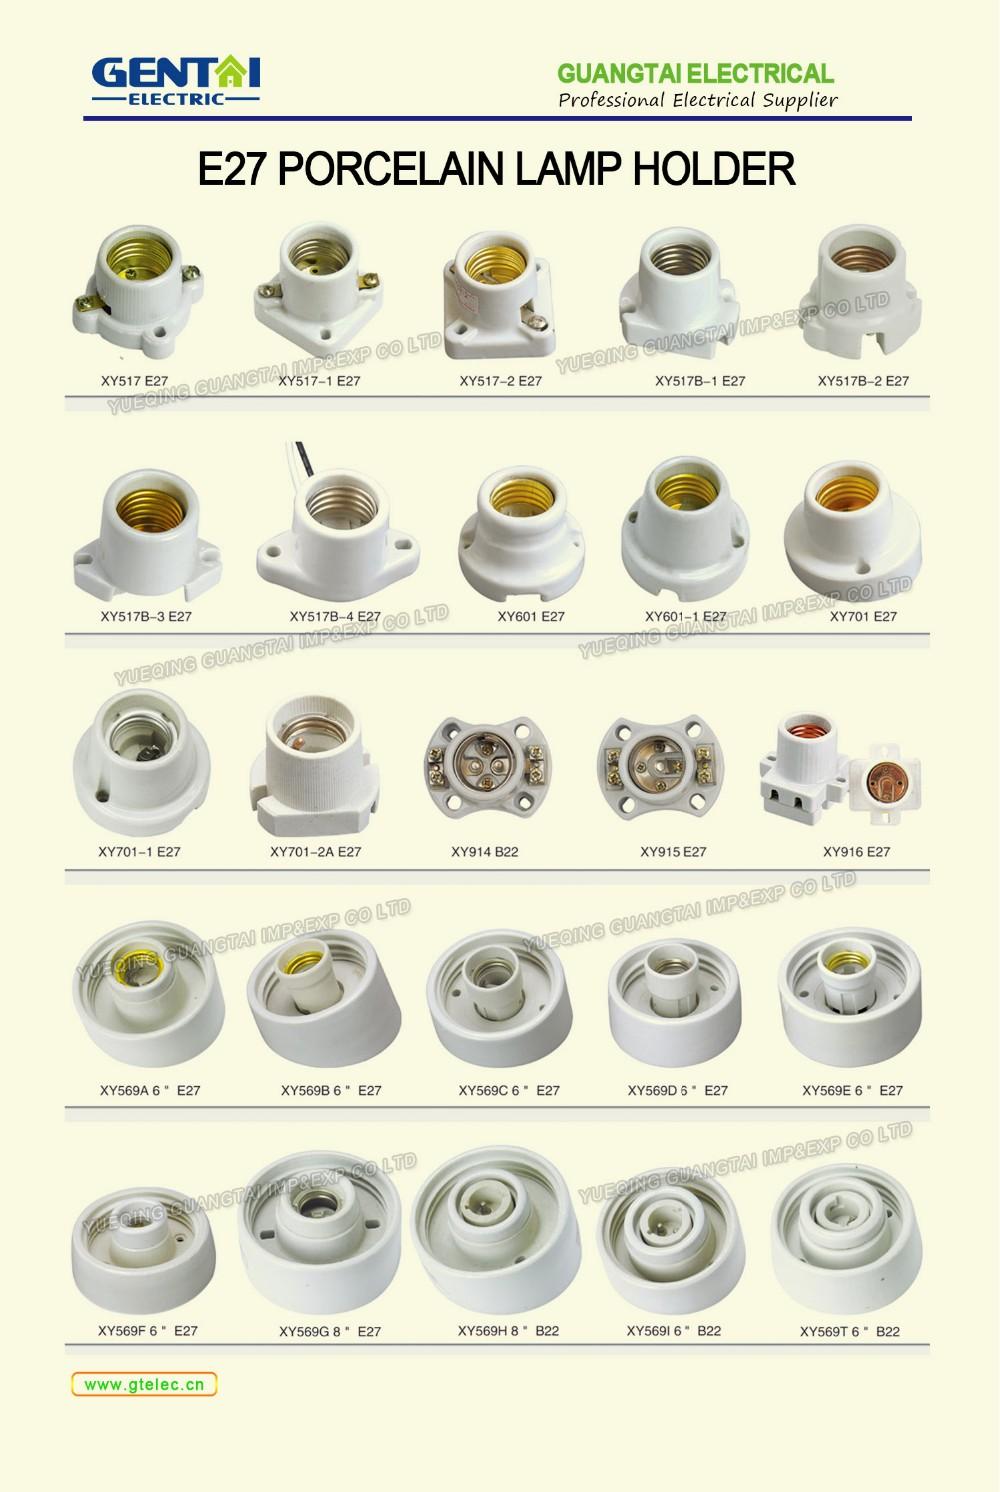 Porcelain Manufacture E26 Lamp Holder Sockets Light Bulb